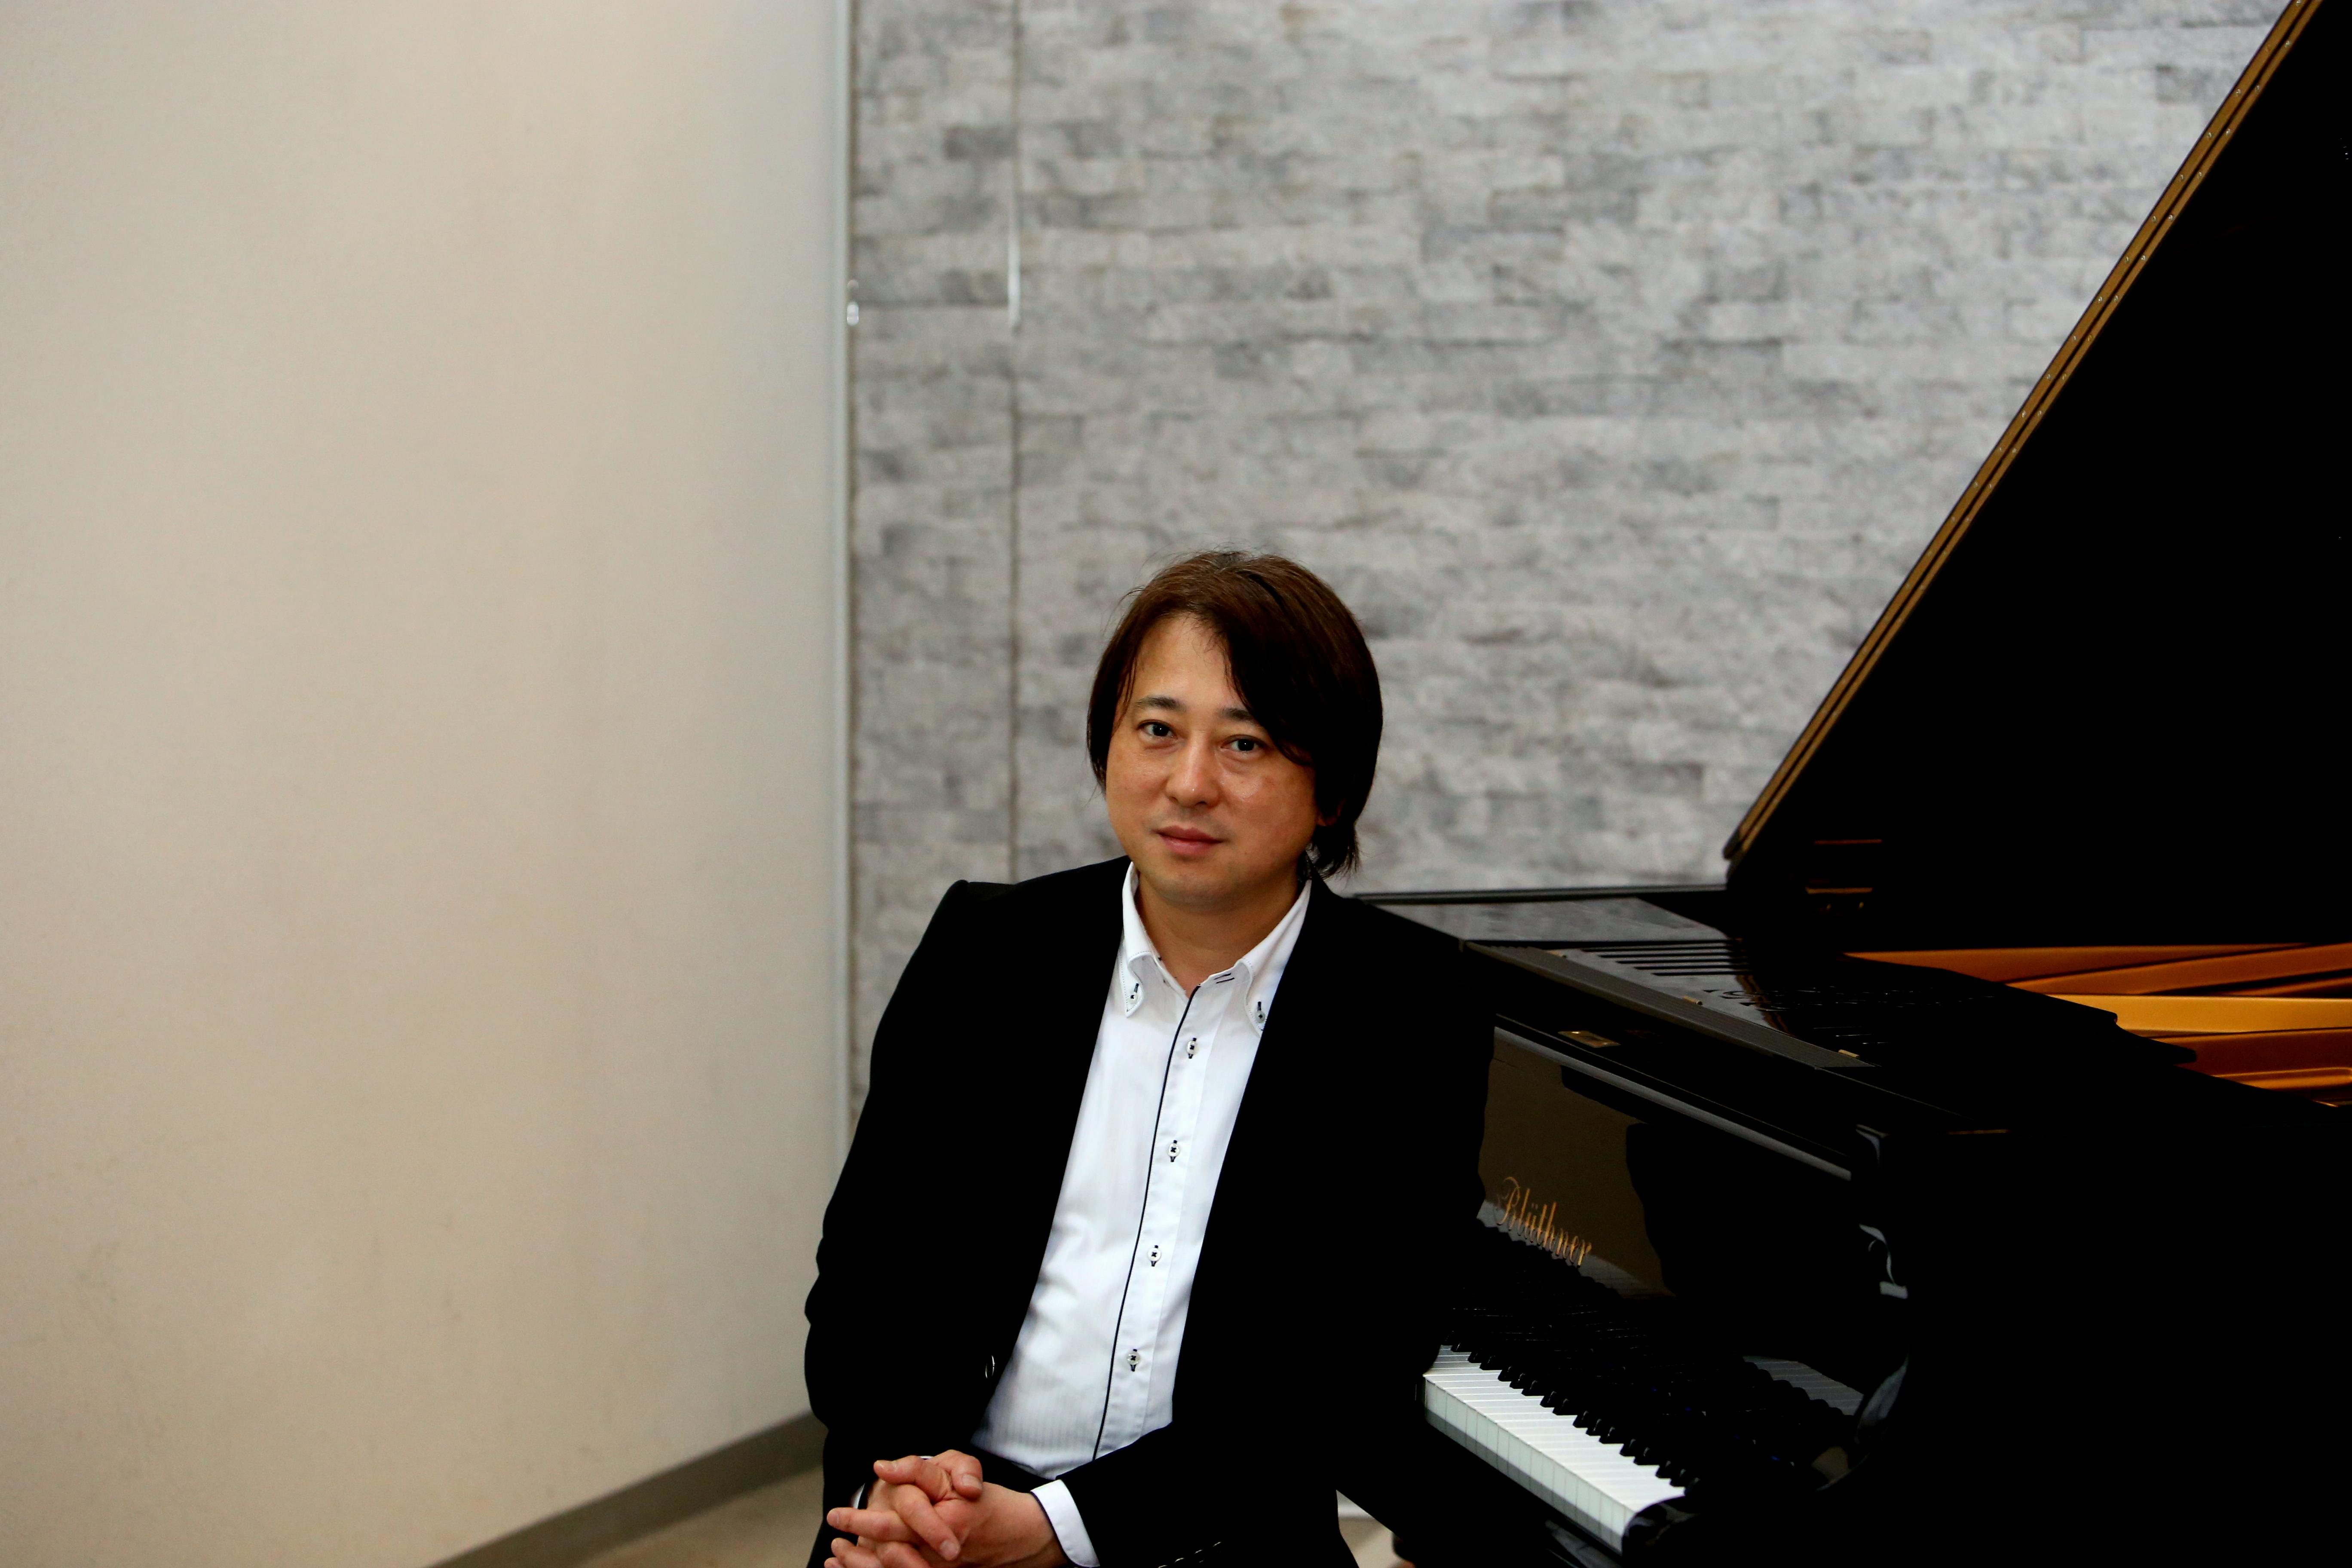 稲垣聡ピアノリサイタルシリーズ(全3回)《ルートヴィヒの遺言~最後の三つのソナタとともに~》 Vol.1